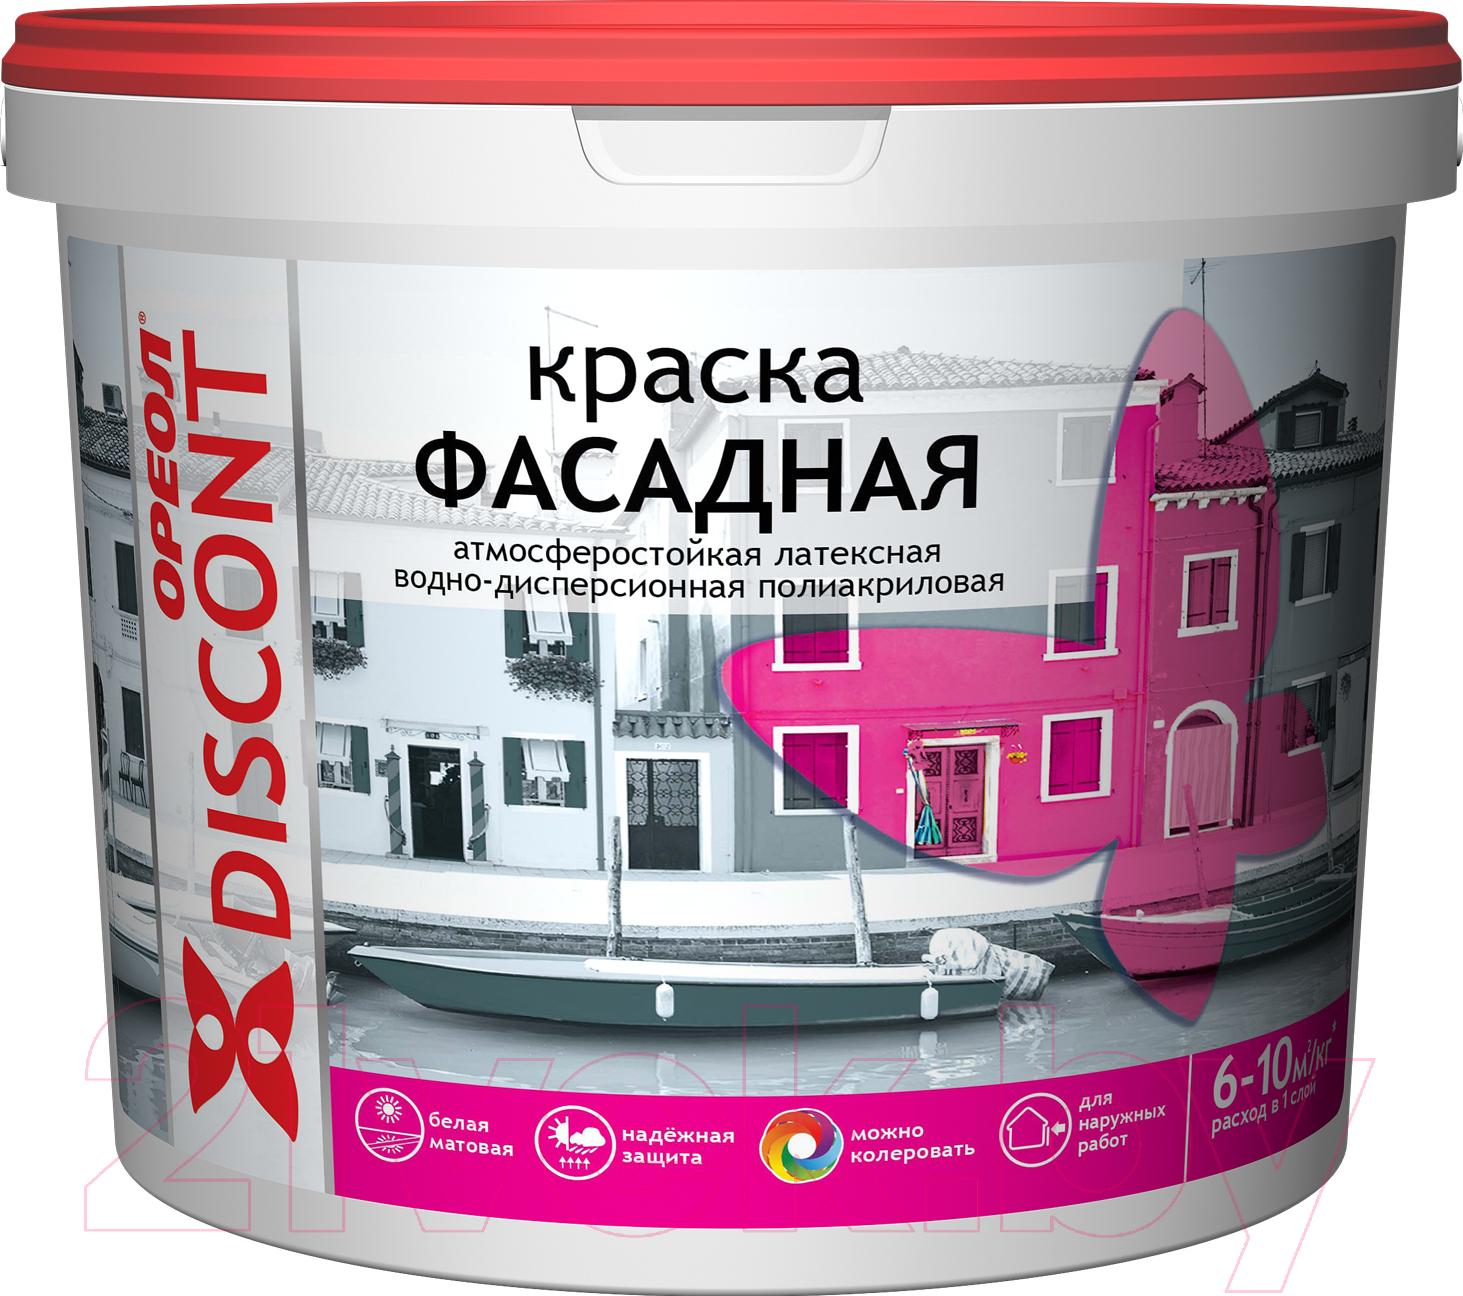 Купить Краска Ореол, Дисконт фасадная (3кг, белый матовый), Россия